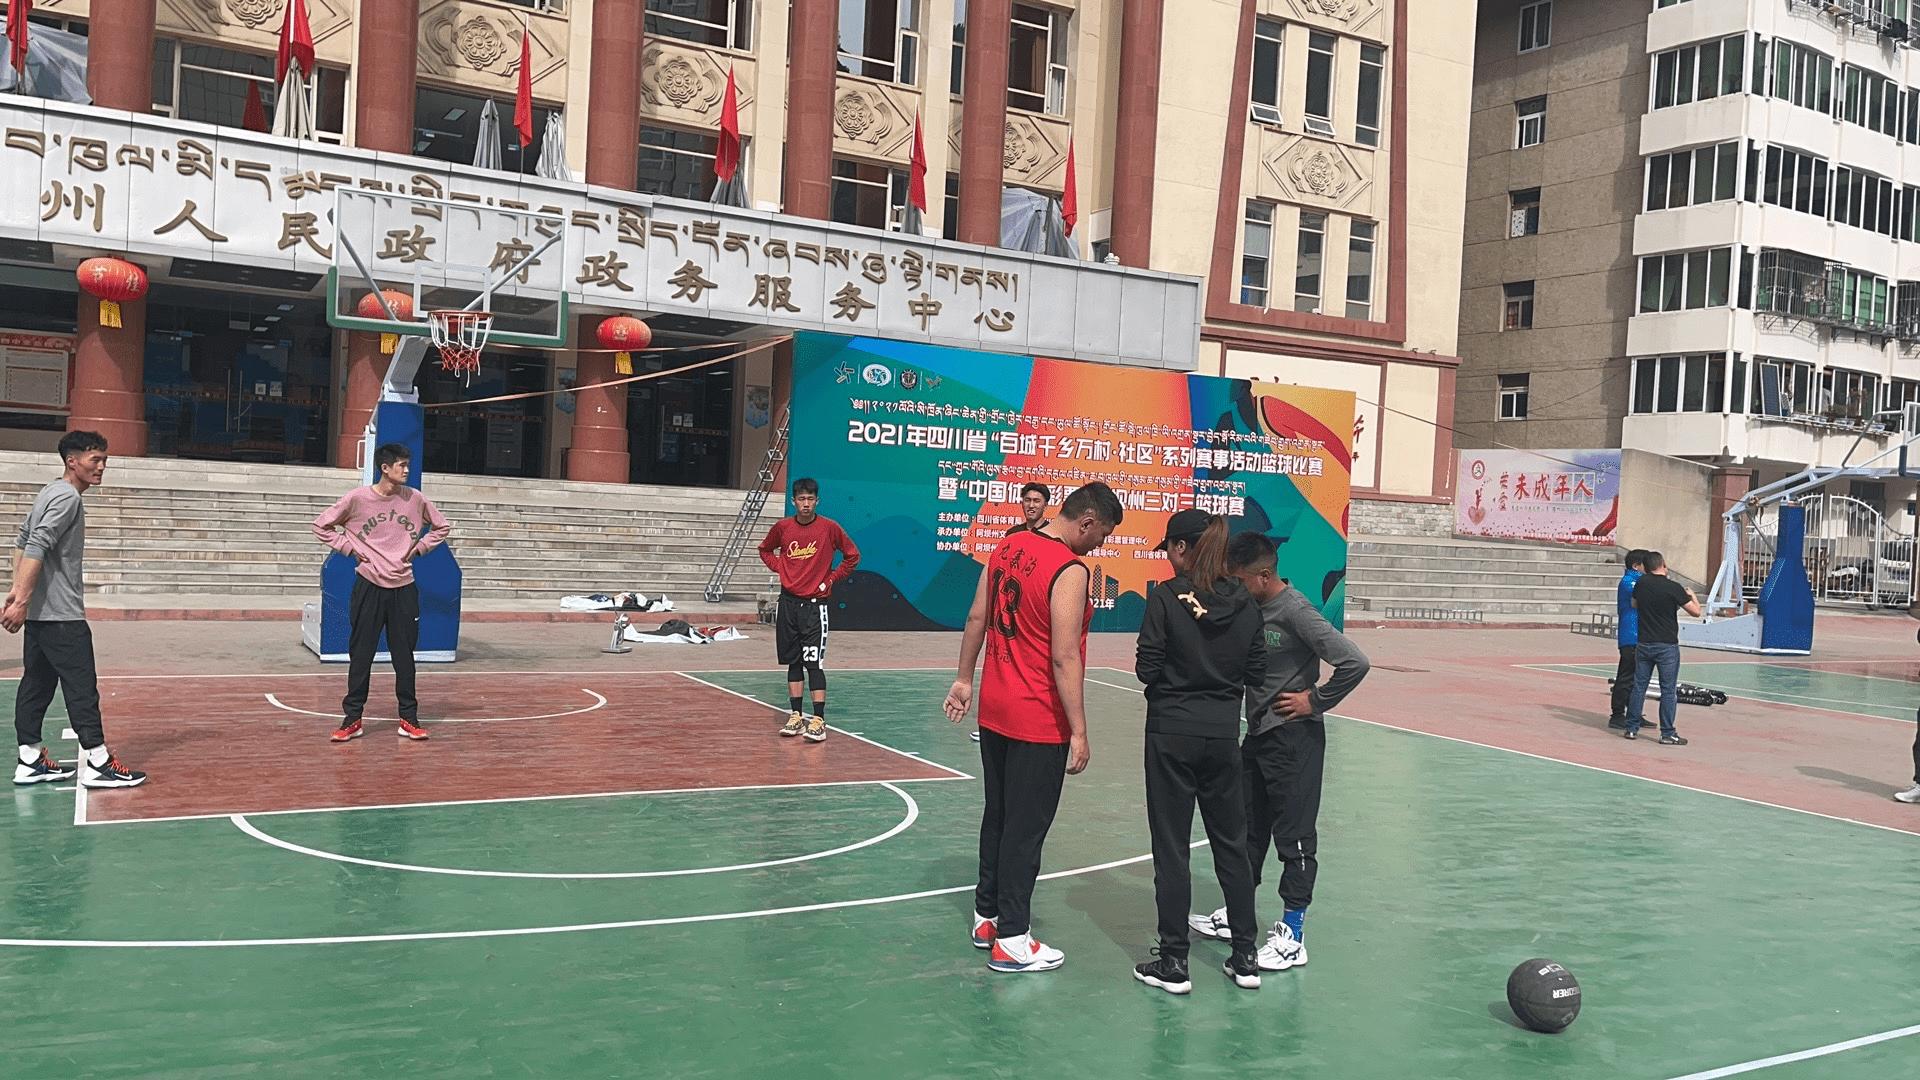 """2021年""""中国体育彩票""""ag真人在线游戏阿坝州百城千乡 万村•社"""